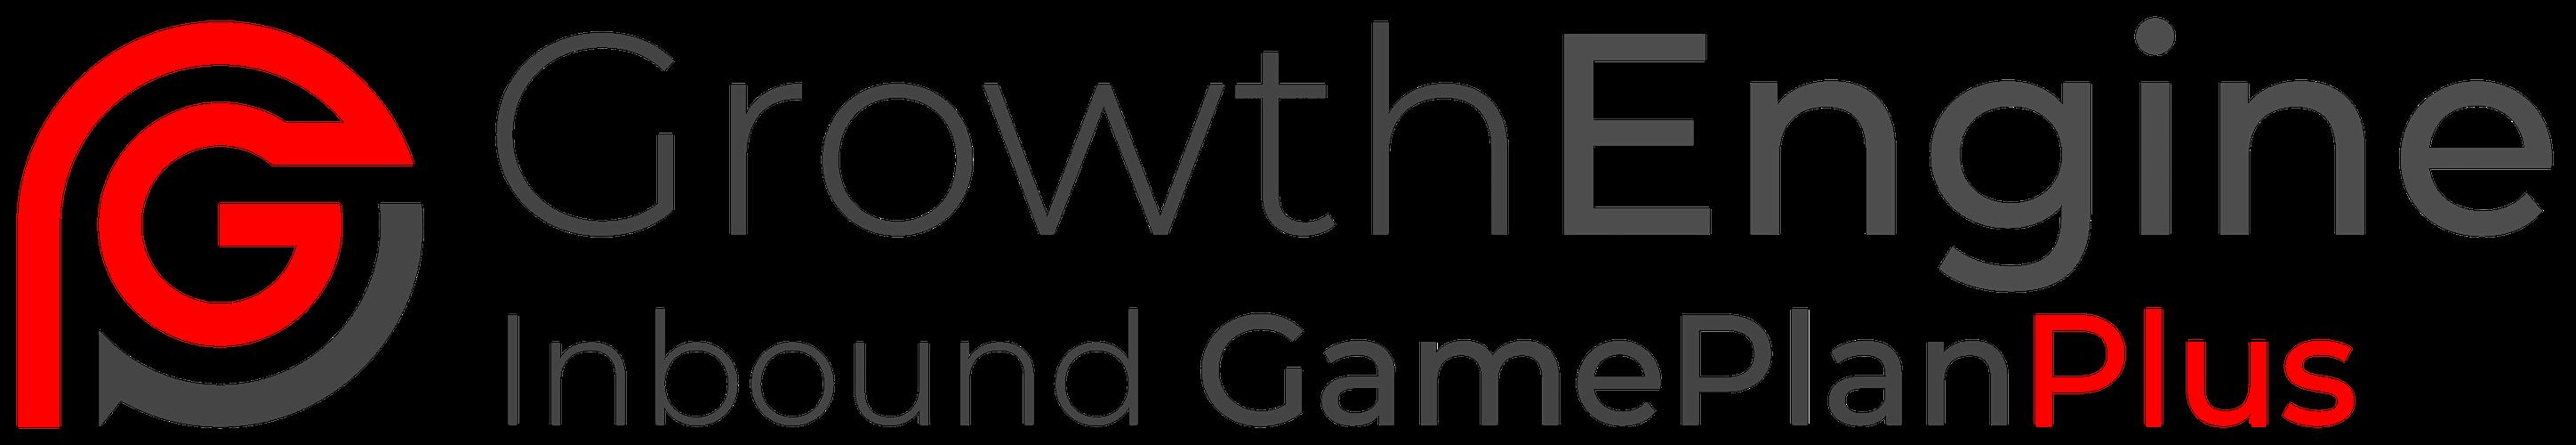 GrowthEngine - Inbound GamePlan Plus